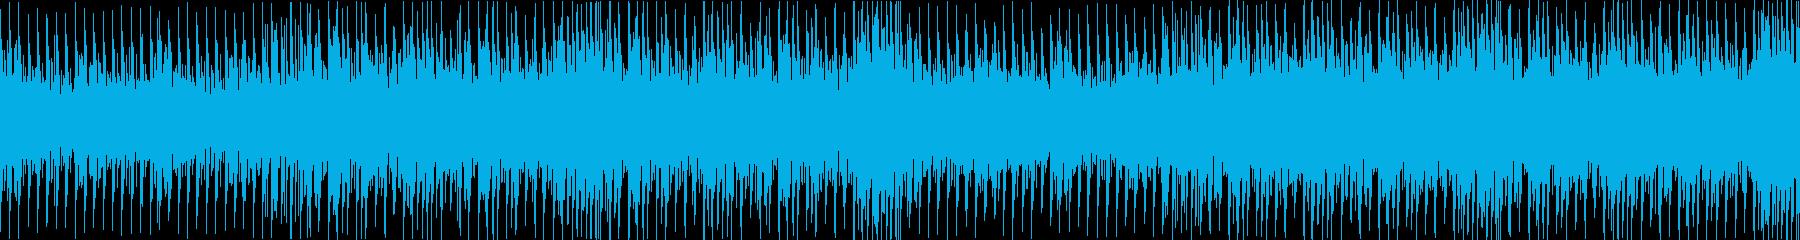 穏やかで幻想的なハウスミュージックの再生済みの波形